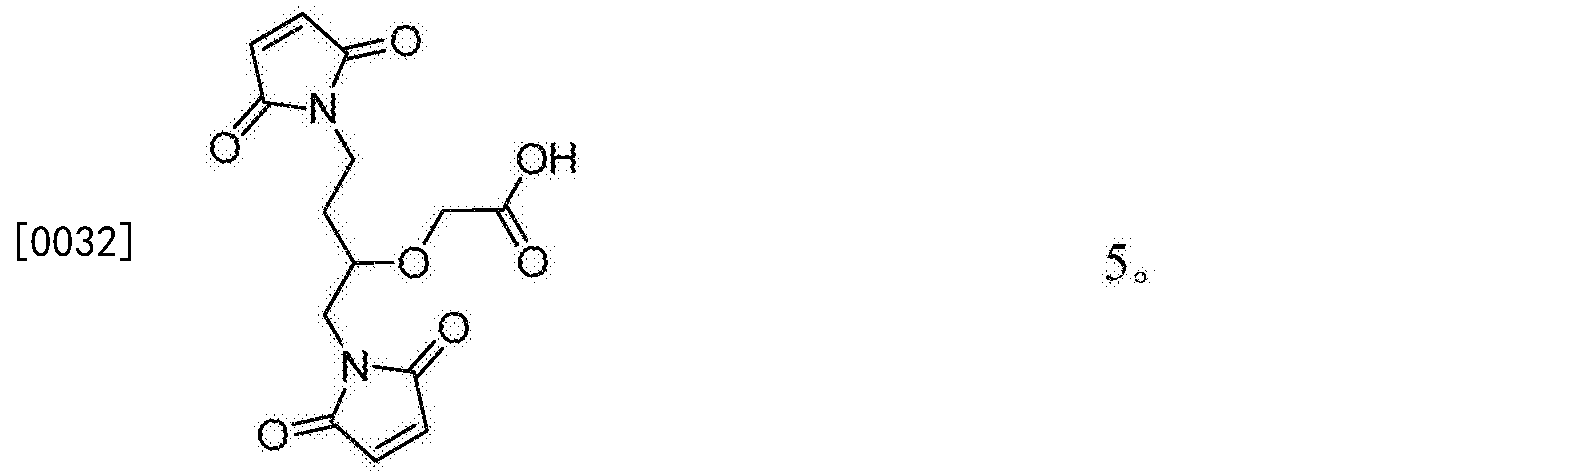 Figure CN103933575BD00113